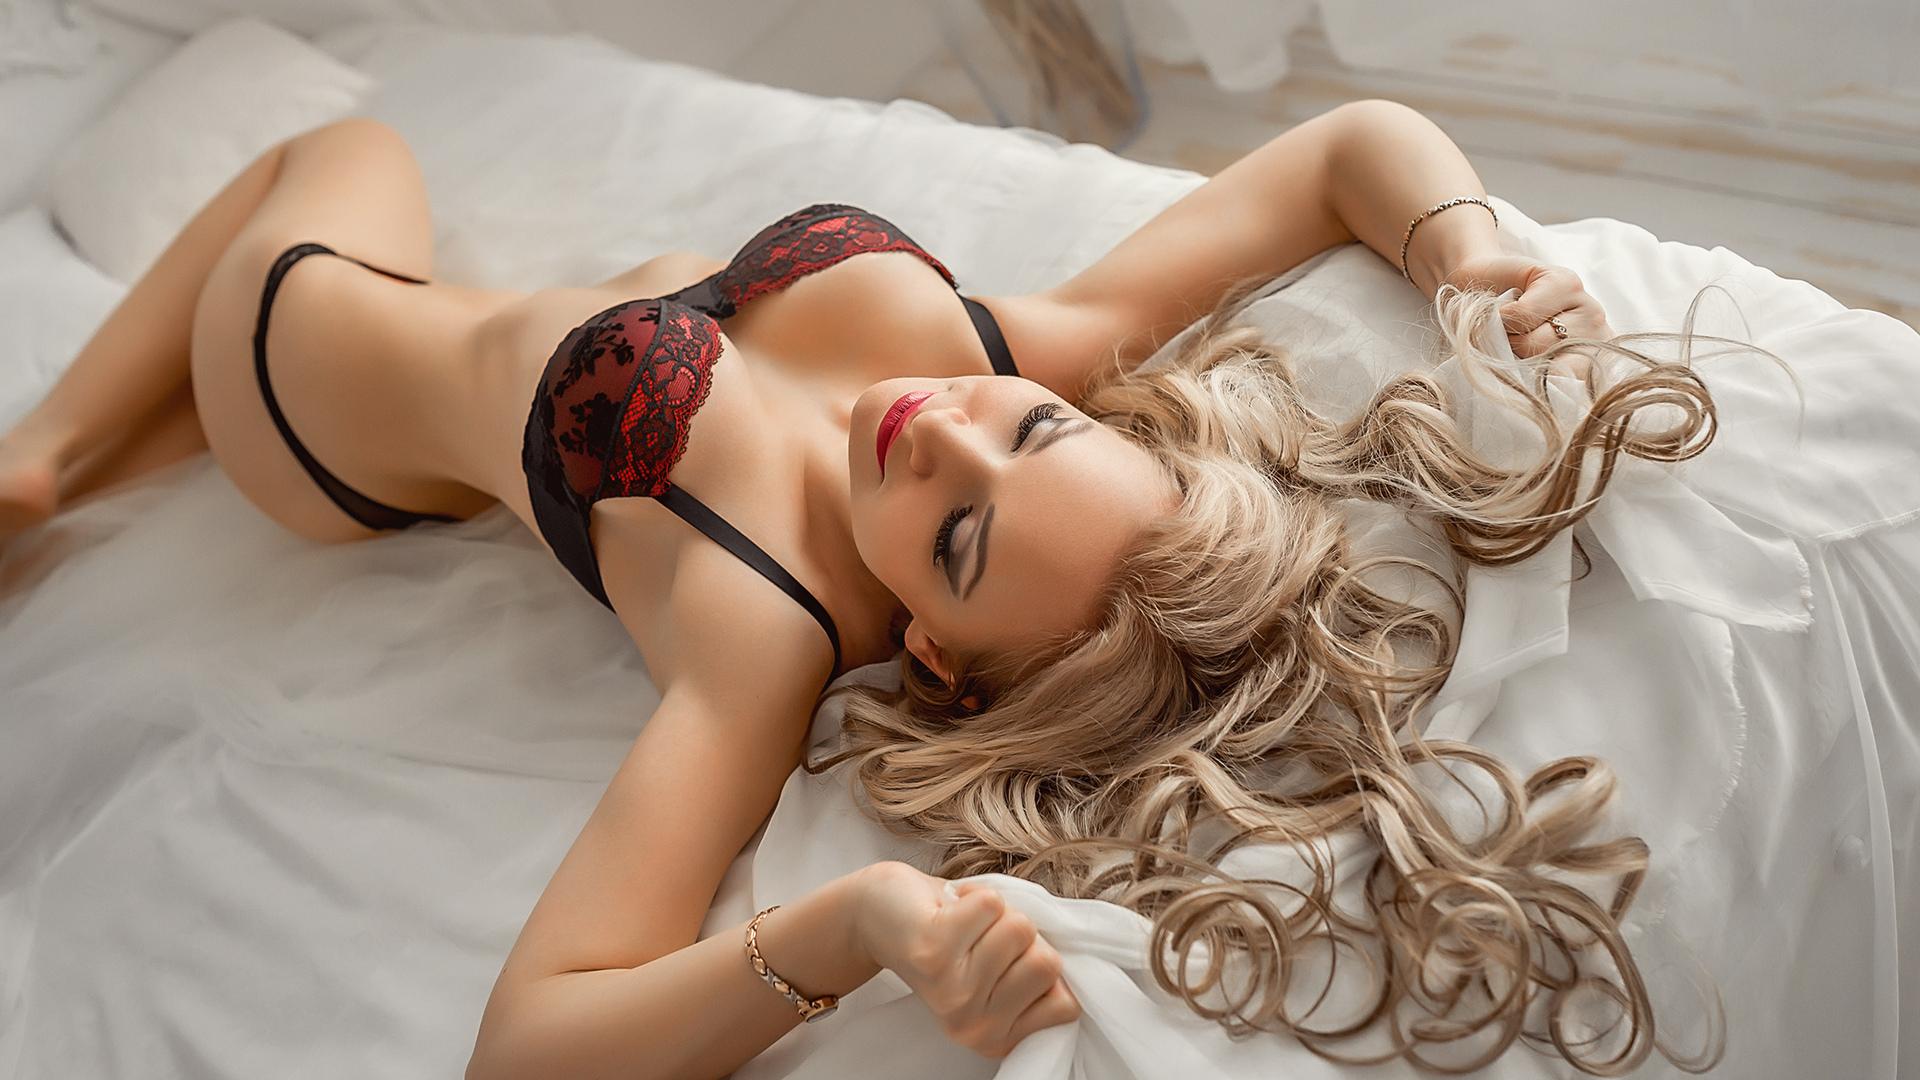 Обнаженное Тело Блондинки